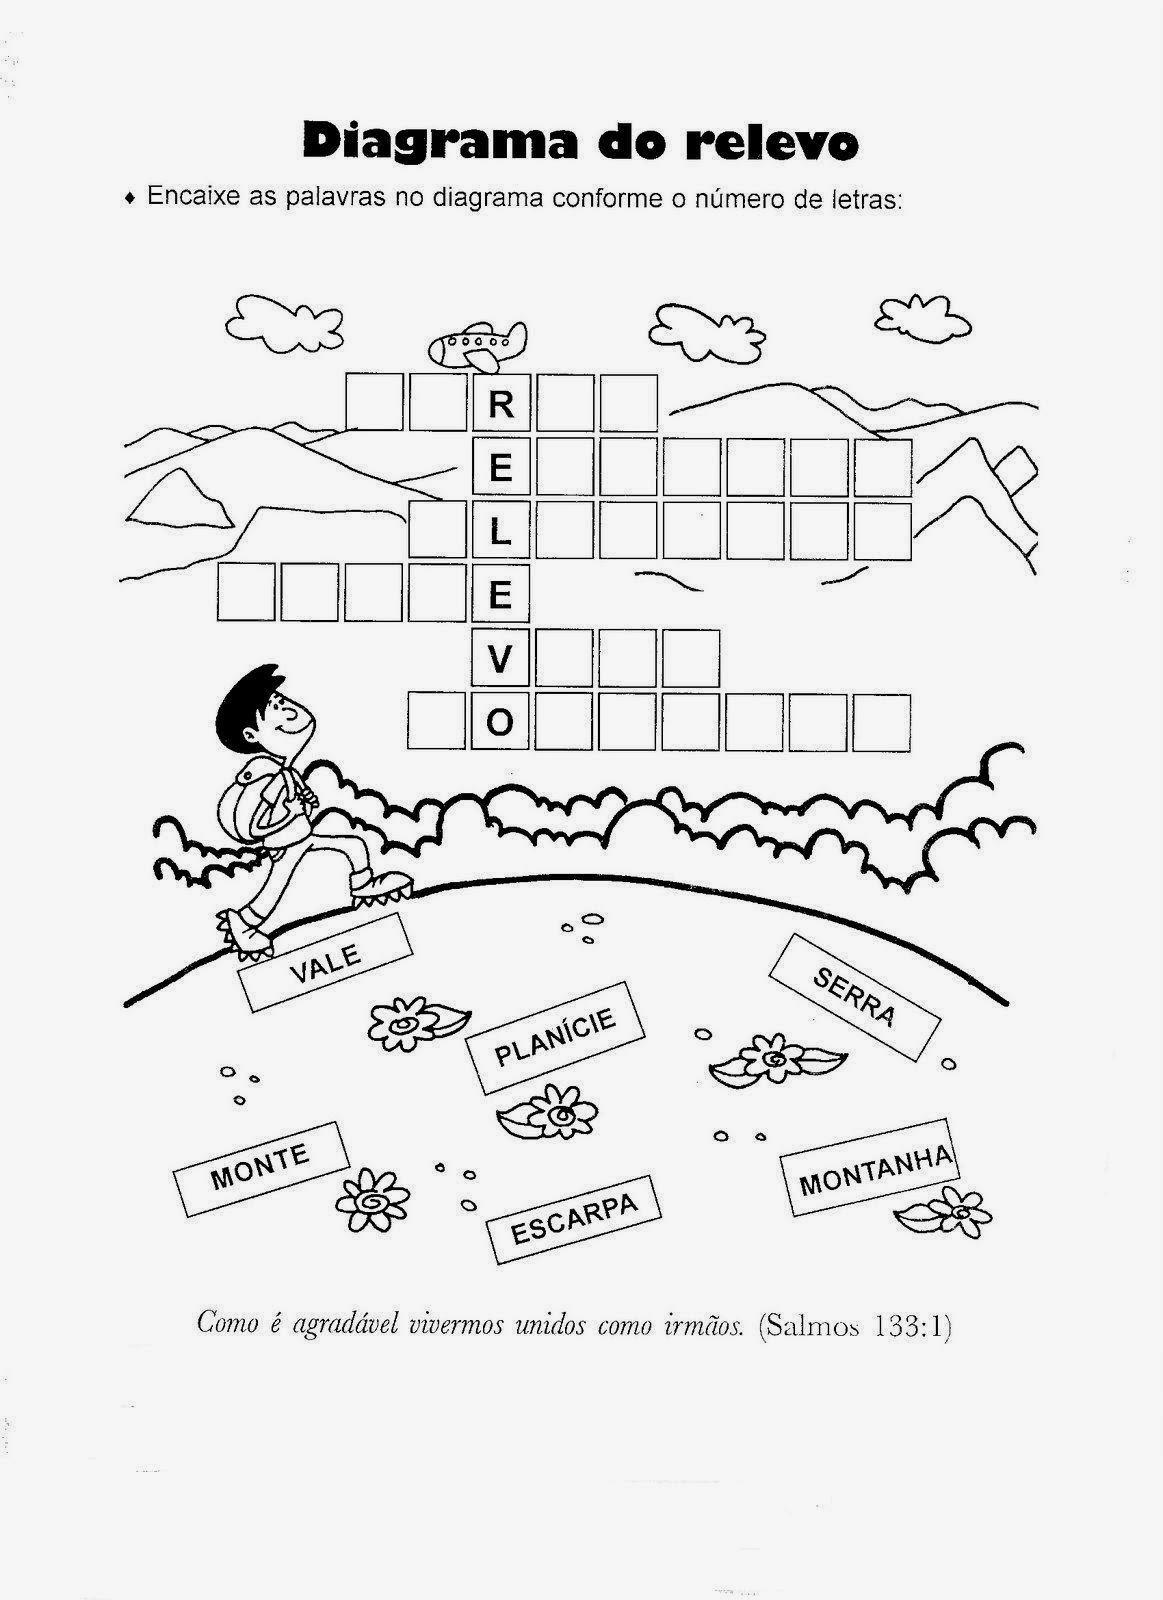 Atividades de Geografia - Mapa Político Brasileiro, Relevo Brasileiro, O Globo Terrestre, A Representação da terra, Meios de Transportes, Estados e Municípios, A indústria e o trabalho,  Pontos Cardeais, Mapa  do Brasil Regional e Político, As Regiões do Brasil, Mapa Mundi e o Sistema Solar